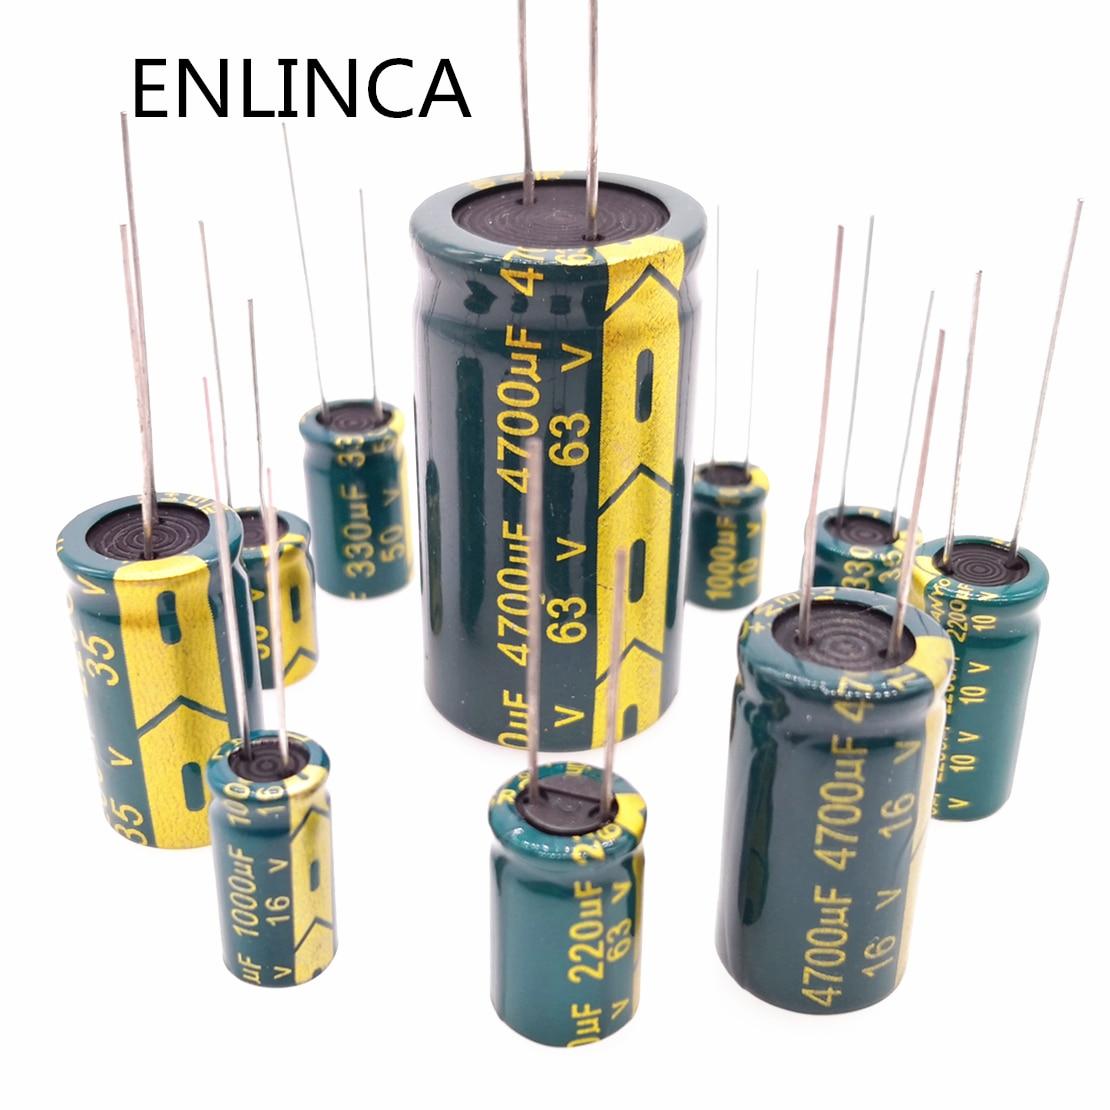 5-20pcs 6.3v 63v 100v 250v 400v 450V Low ESR High Frequency Aluminum Capacitor 2.2uf 4.7uf 6.8uf 10uf 22uf 33uf 68uf 82uf 120uf